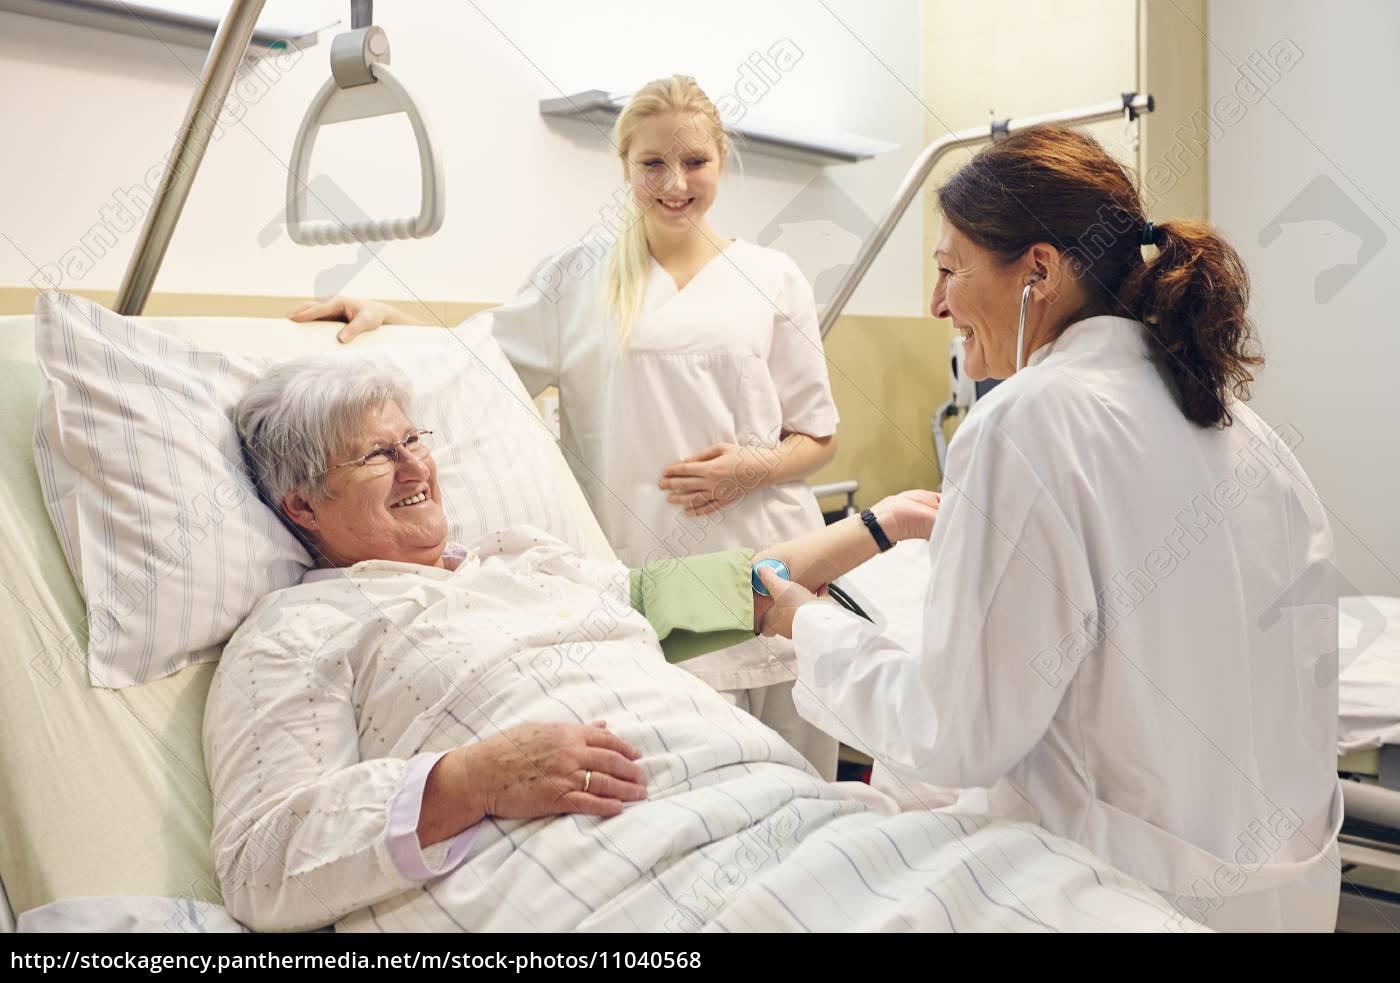 krankenhaus, patientin, Ärztin, schwester - 11040568